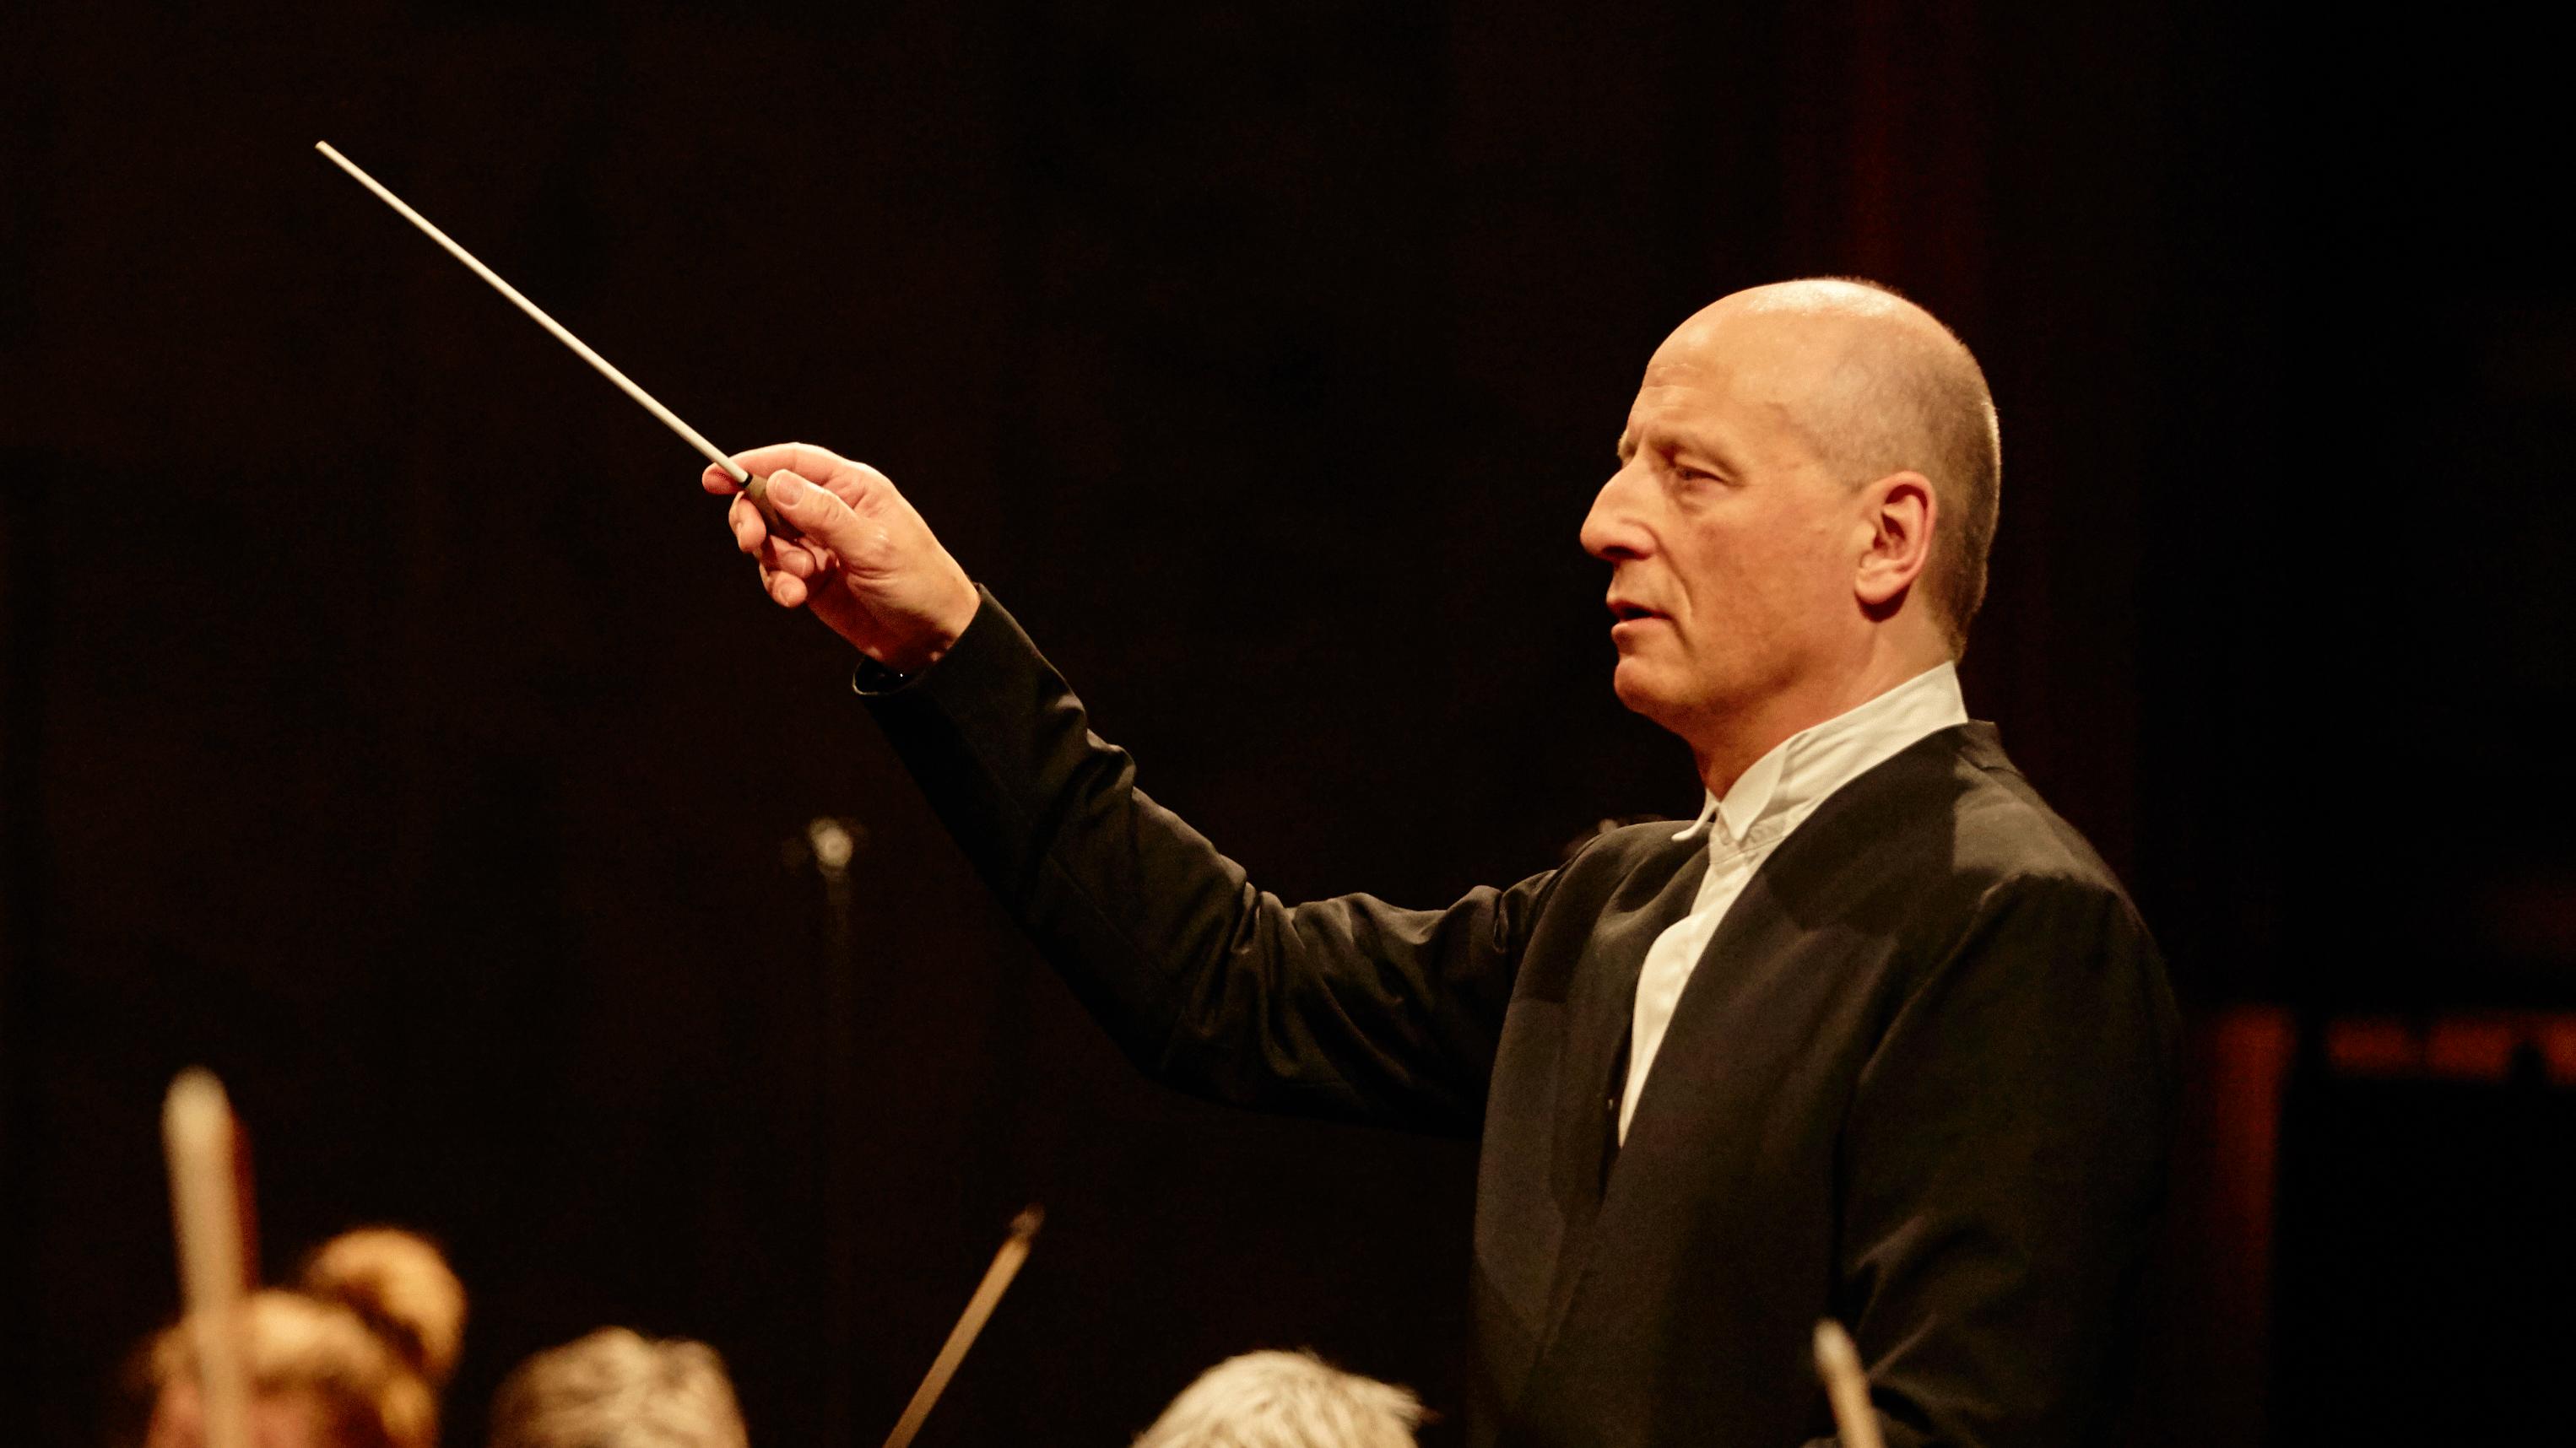 Paavo Järvi dirige la Symphonie n°4 de Brahms